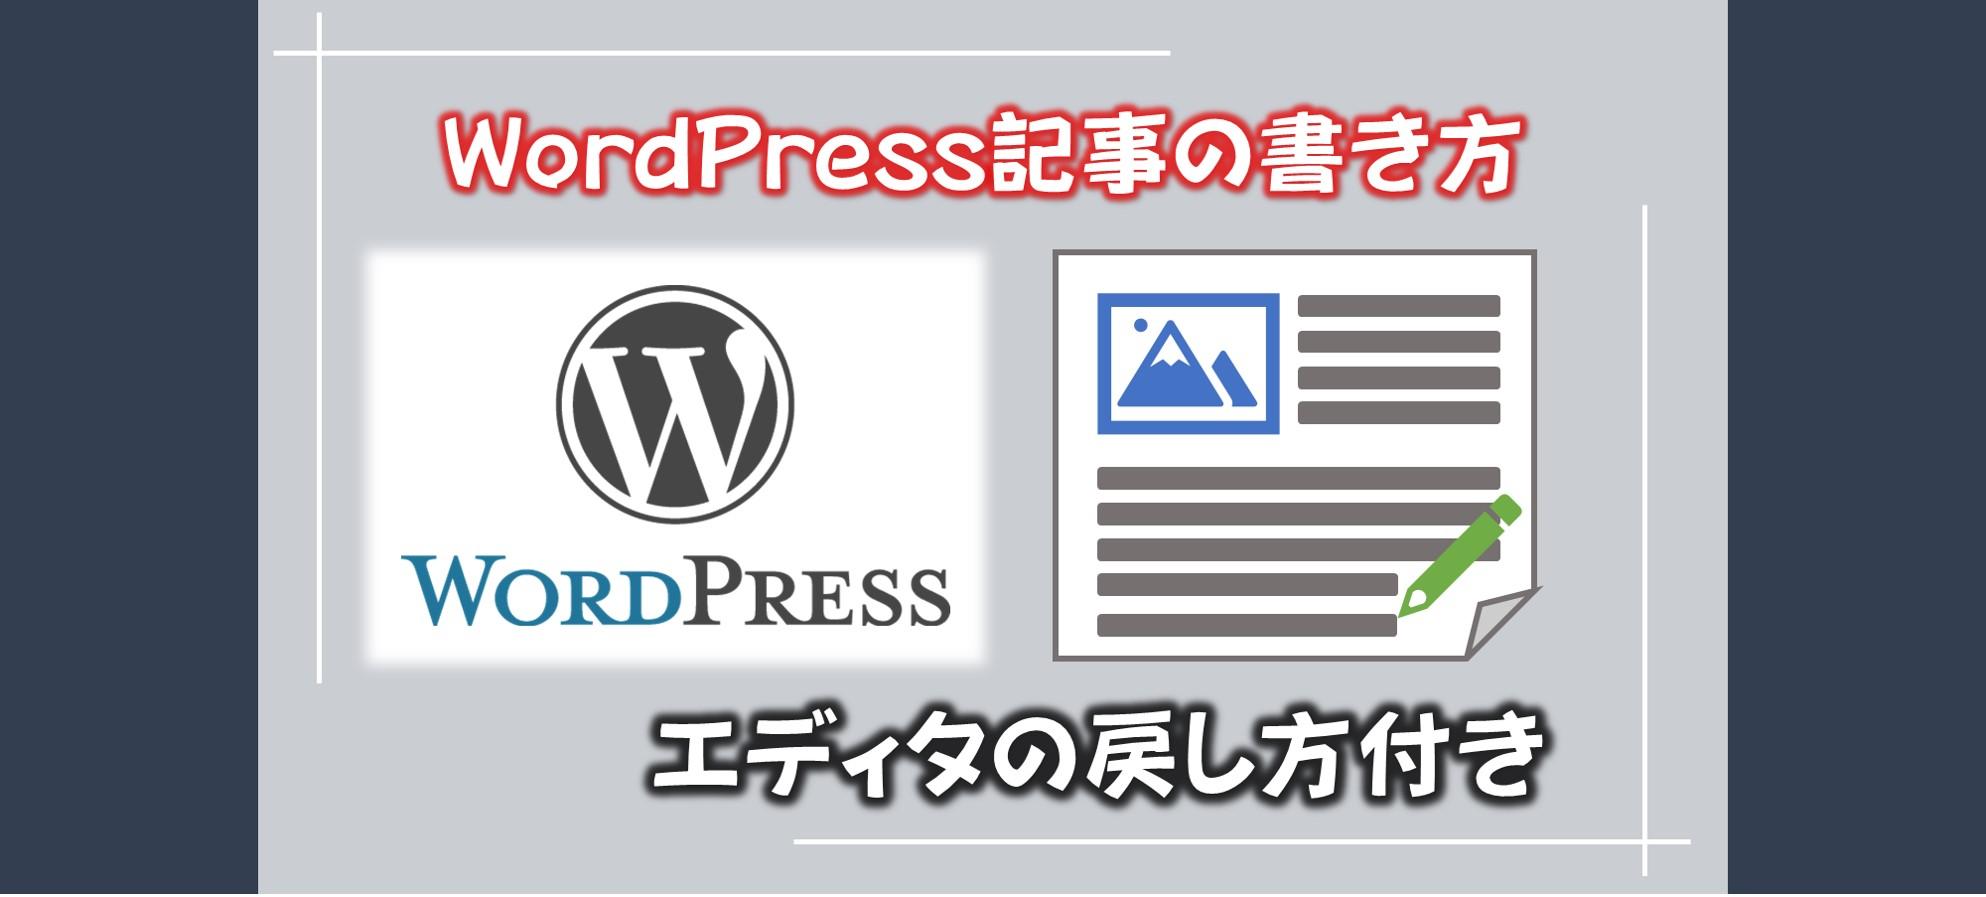 初心者にもわかるWordPress記事作成画面まるわかり操作ガイド